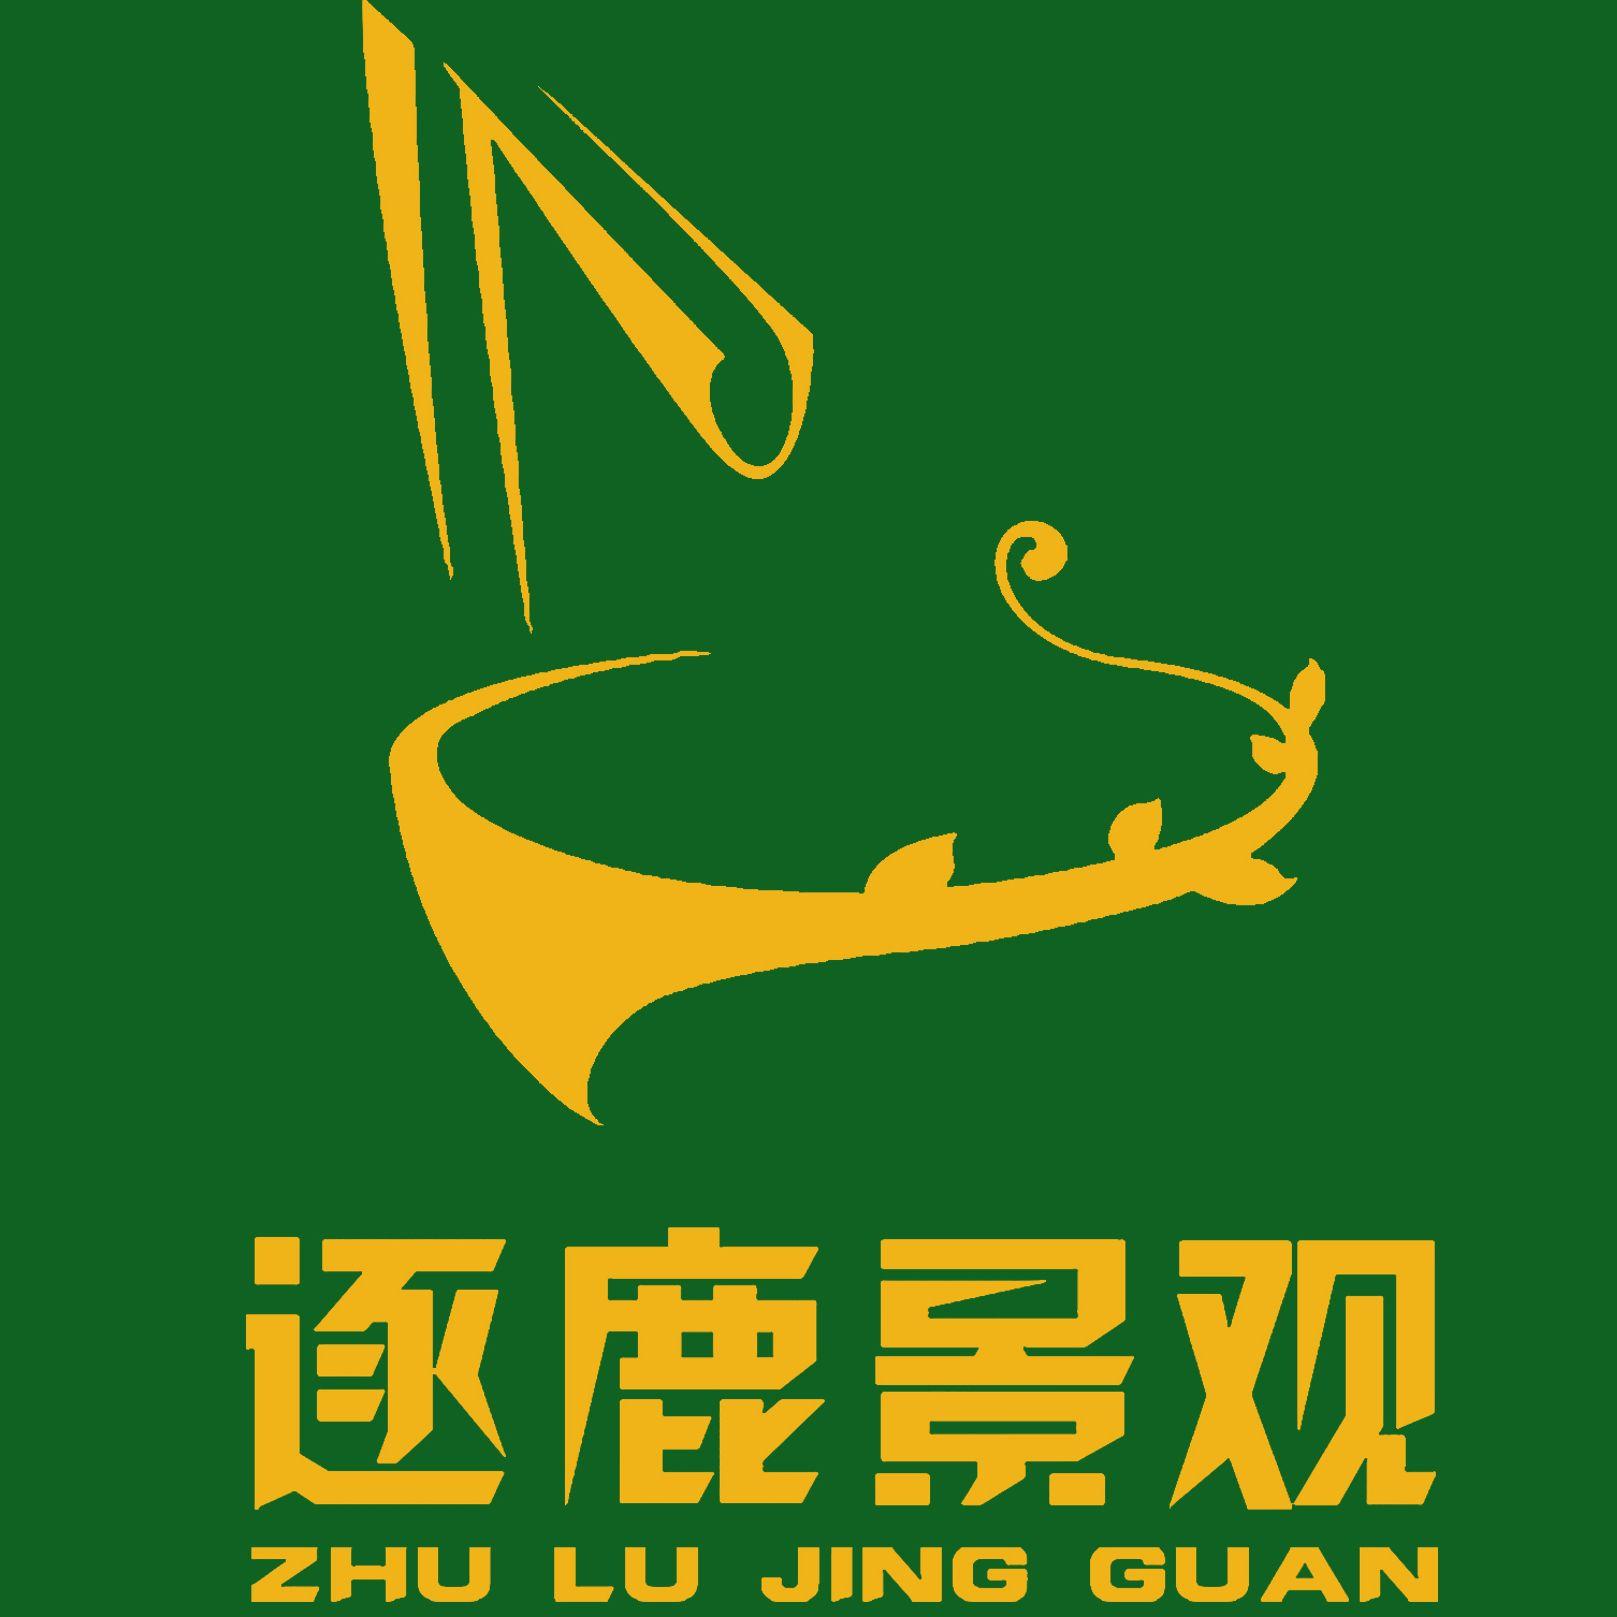 南京逐鹿景观